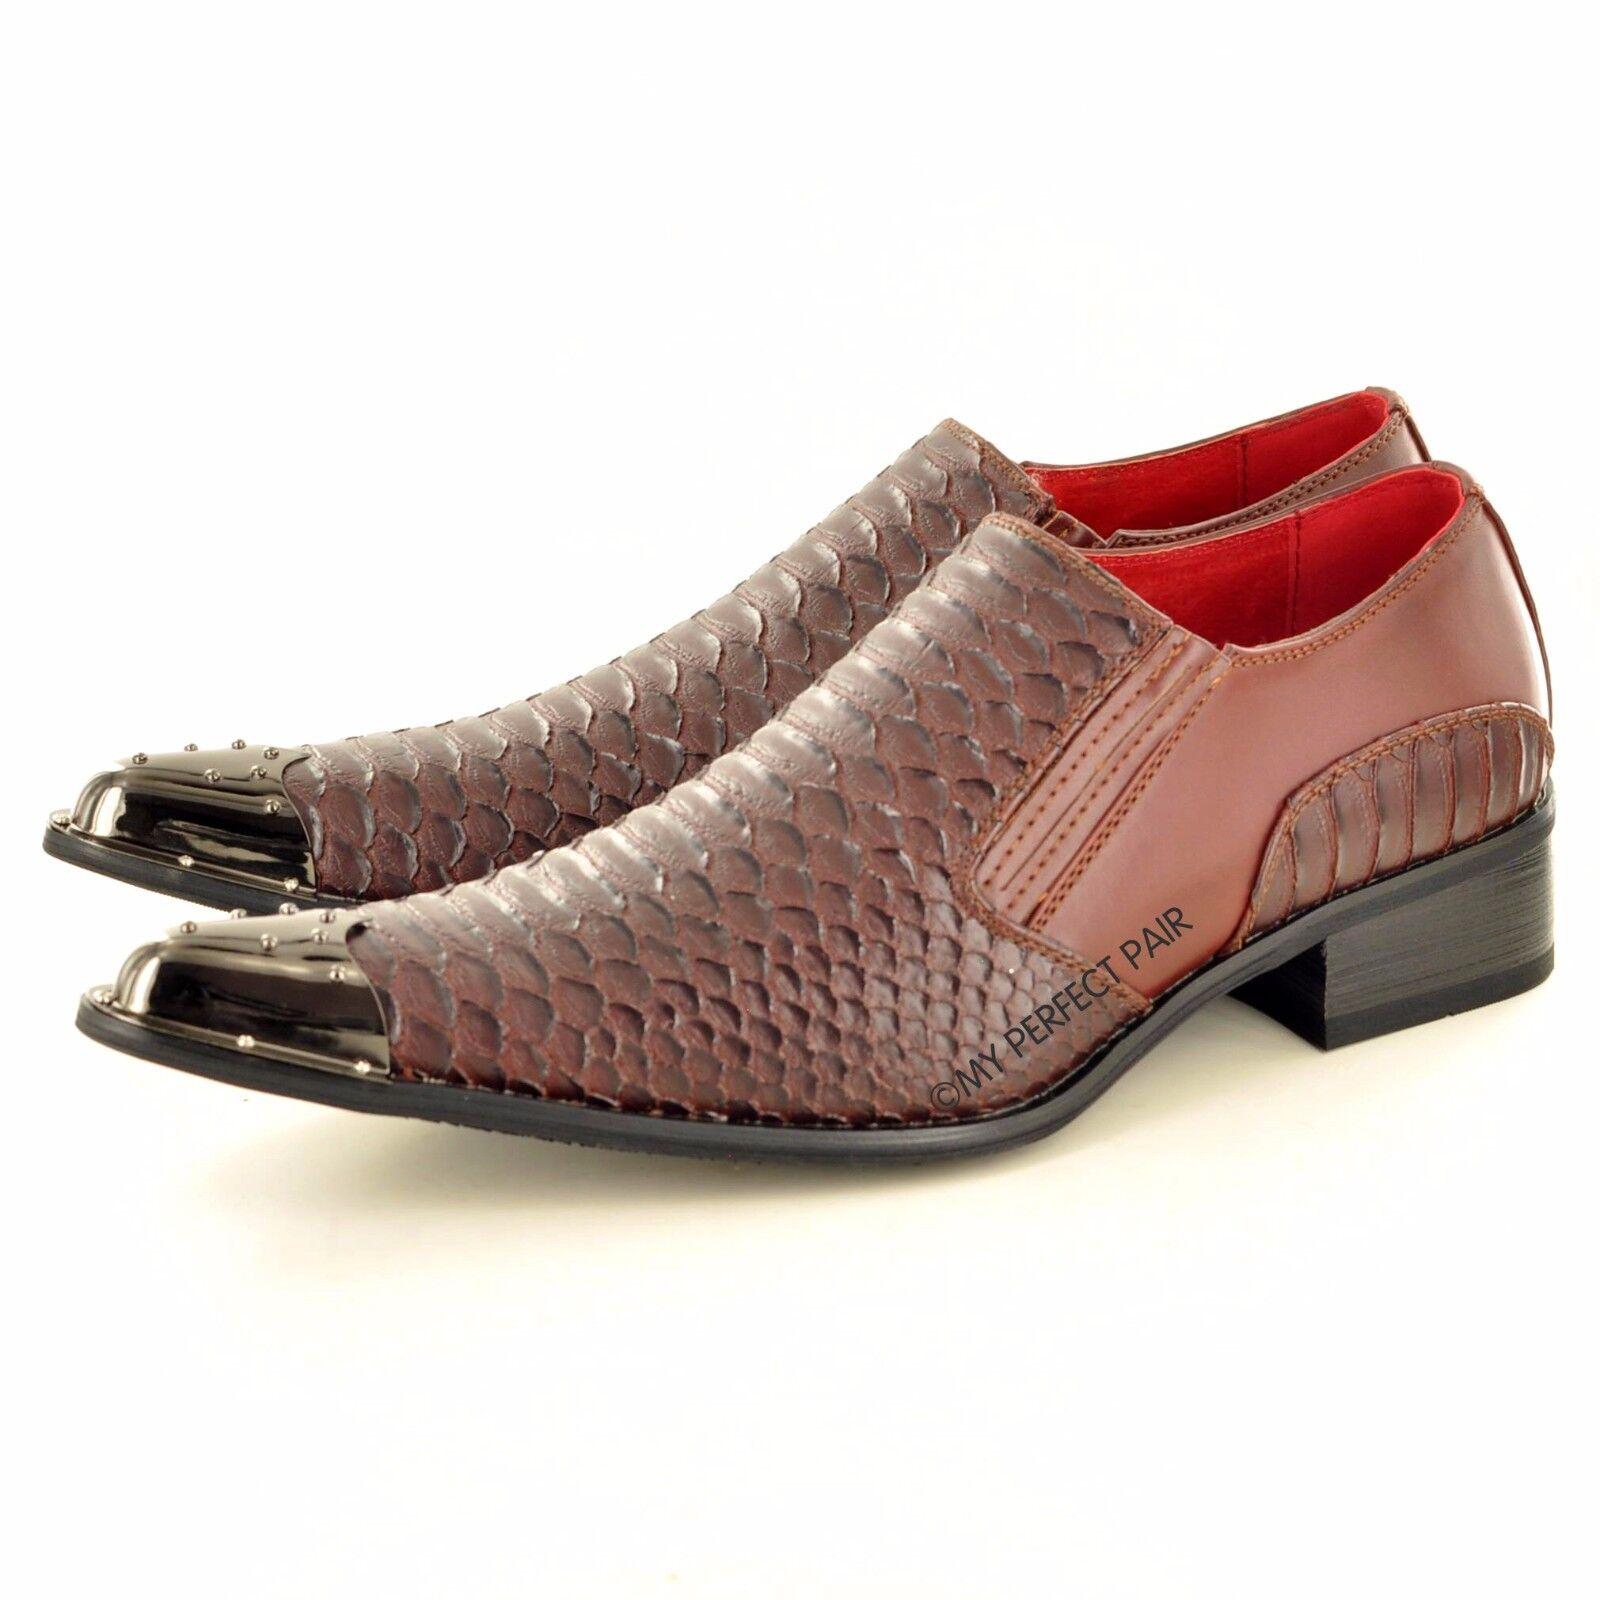 Mens Crocodile Shoes Australia